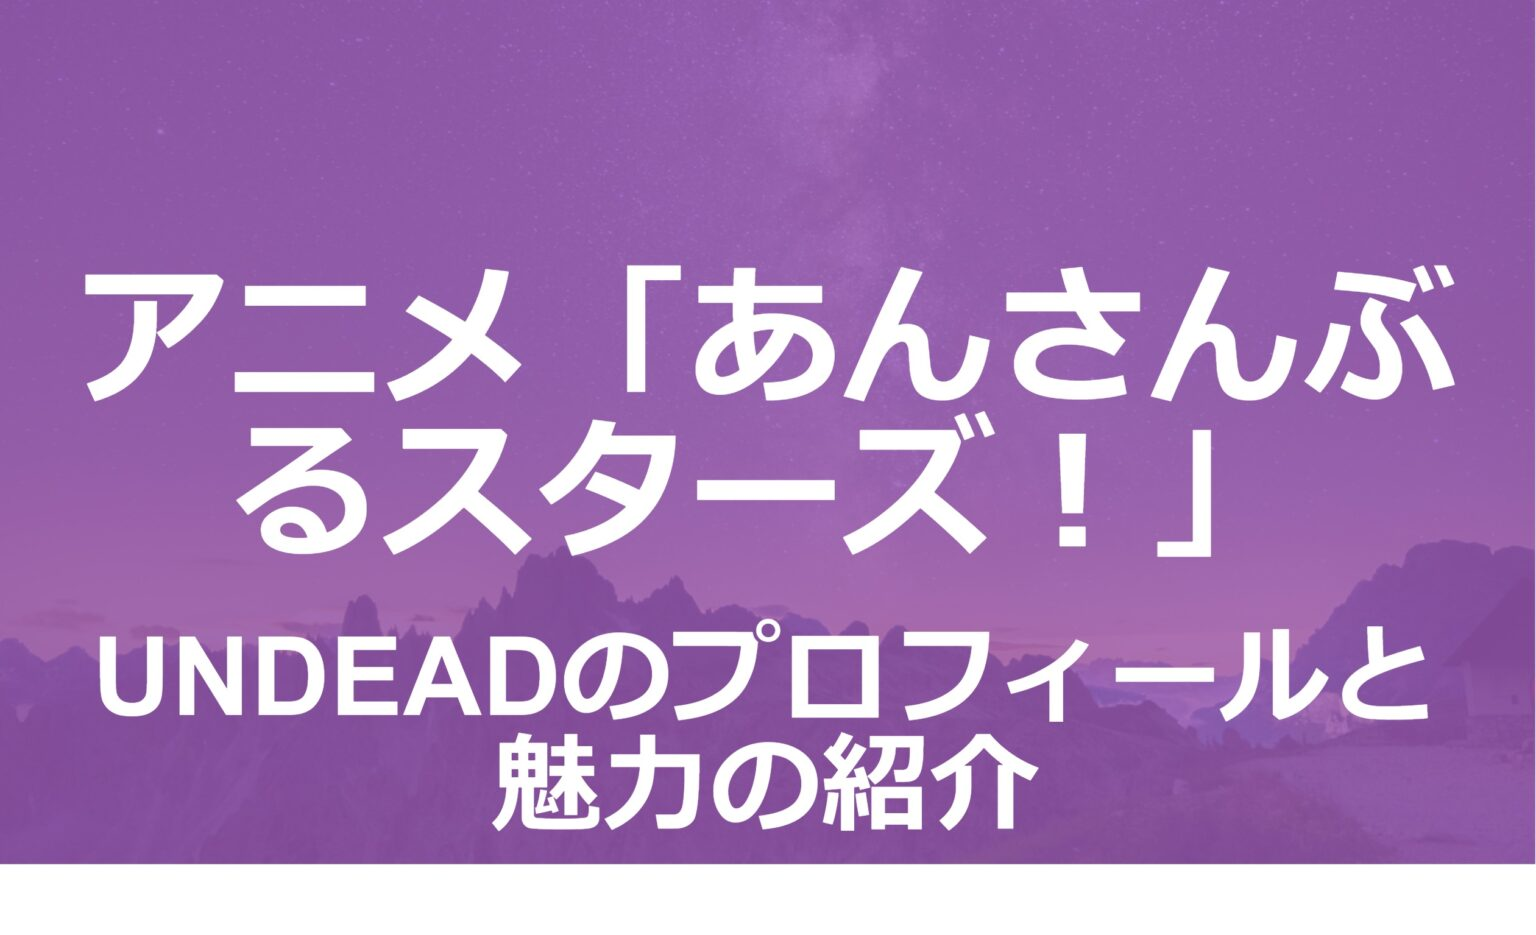 アニメ「あんさんぶるスターズ!」UNDEADに所属するメンバーのプロフィールと魅力を紹介!